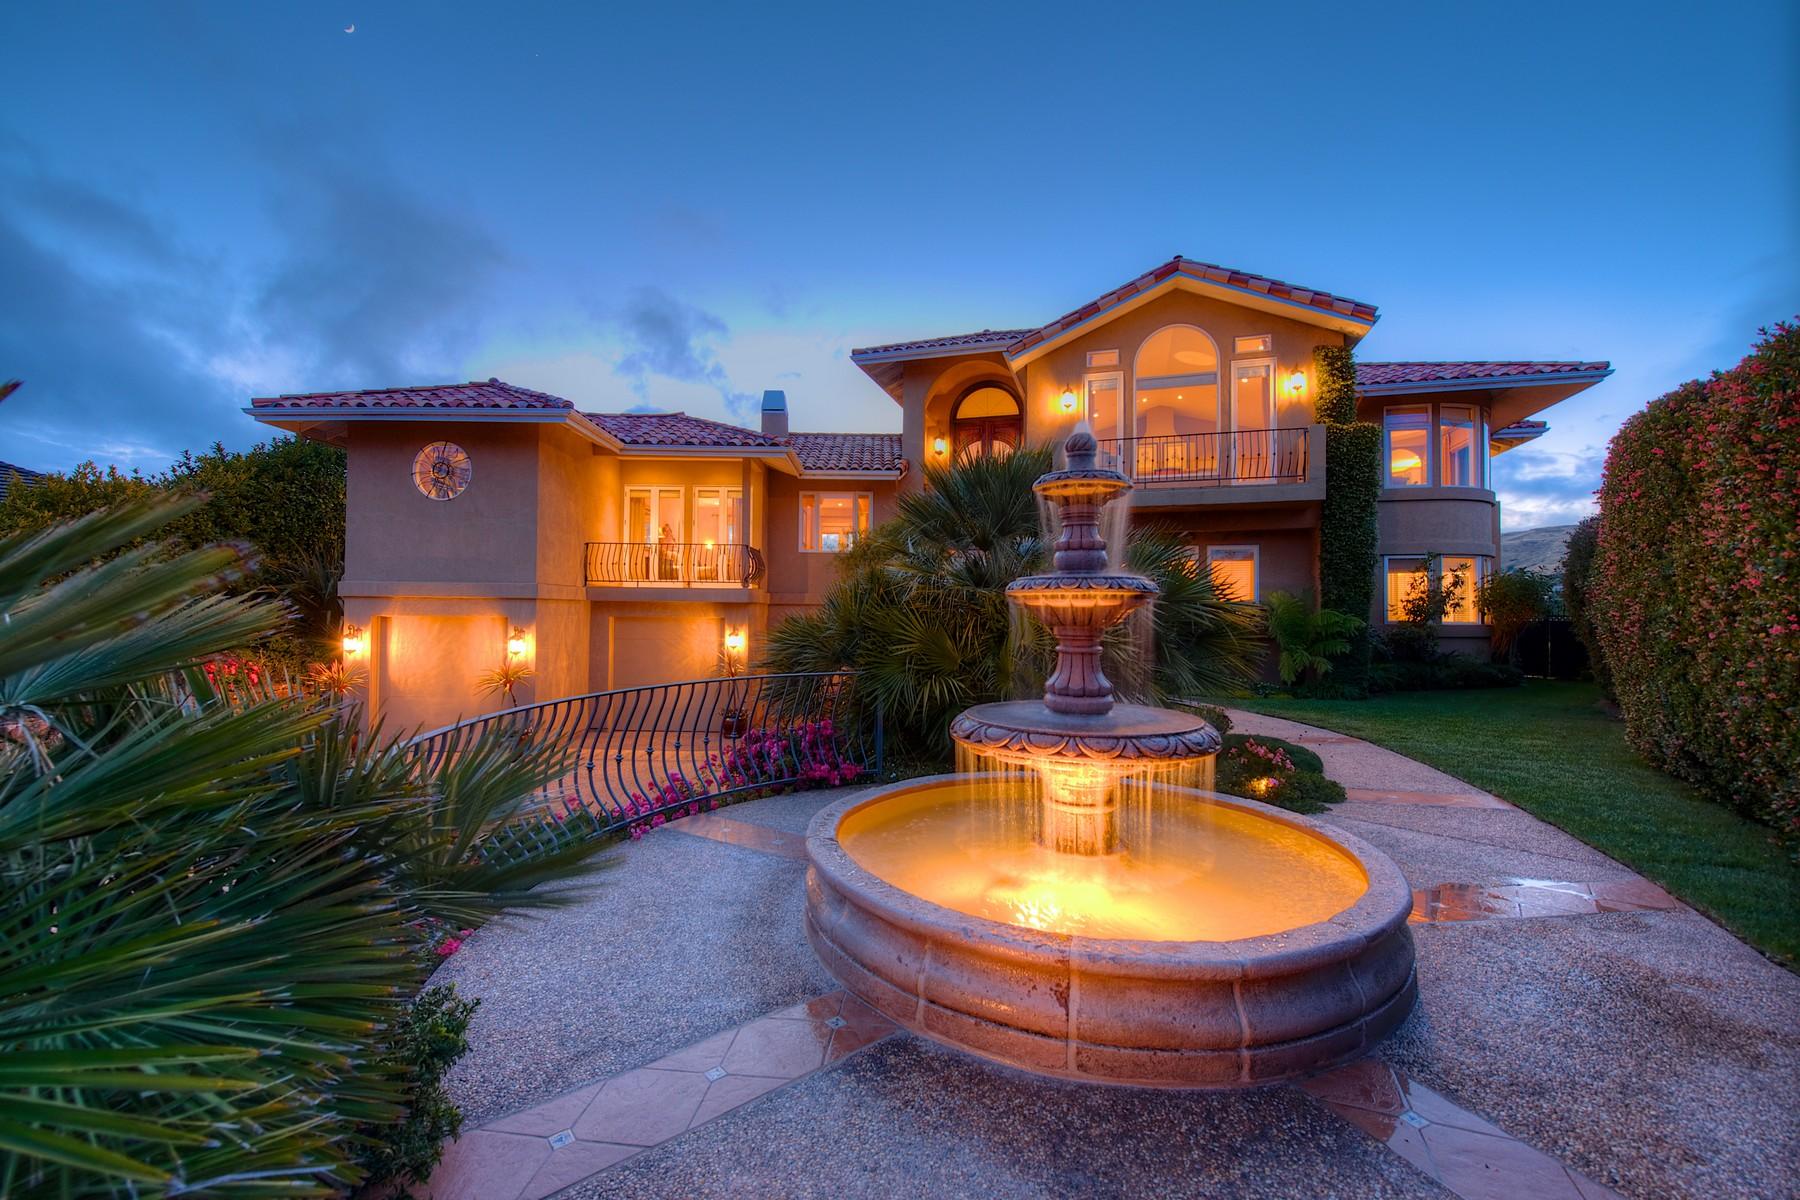 Single Family Home for Sale at Villa Del Sol ~ Mediterranean Splendor 19 Cecilia Court Tiburon, California 94920 United States